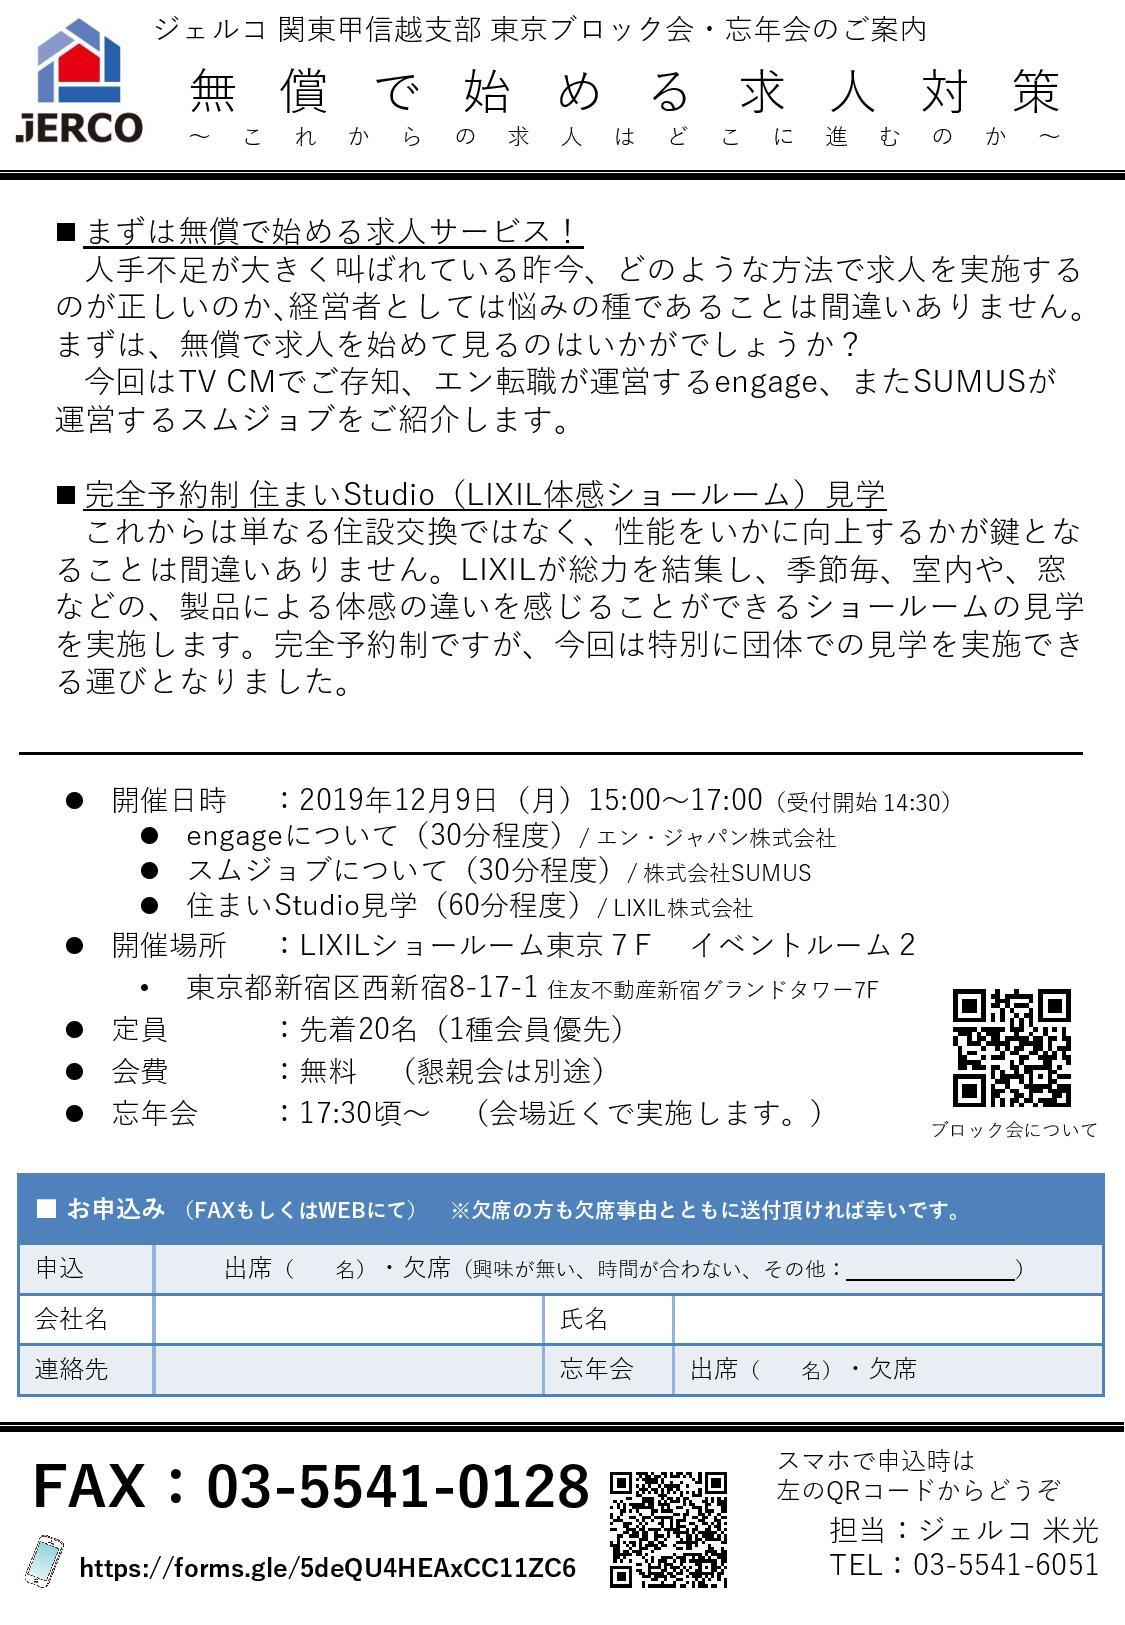 無償で始める求人対策~こ れ か ら の 求 人 は ど こ に 進 む の か~【2019年12月9日開催/東京ブロック】